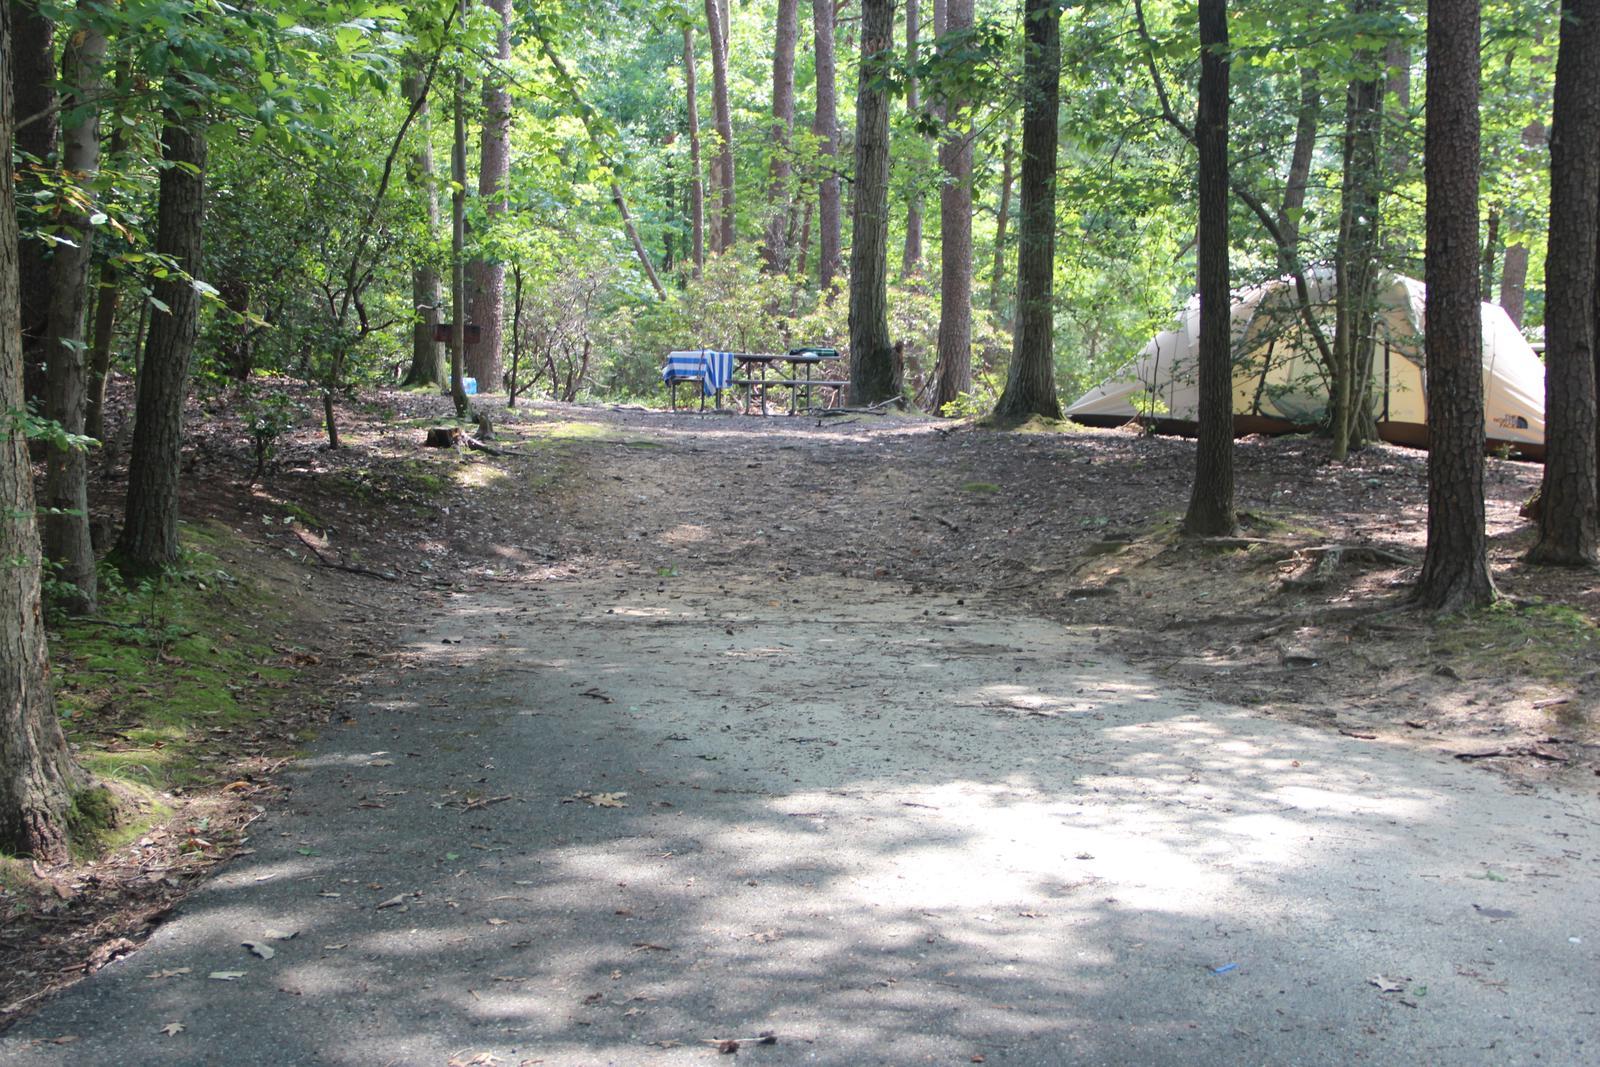 Greenbelt Park Campground Site 83